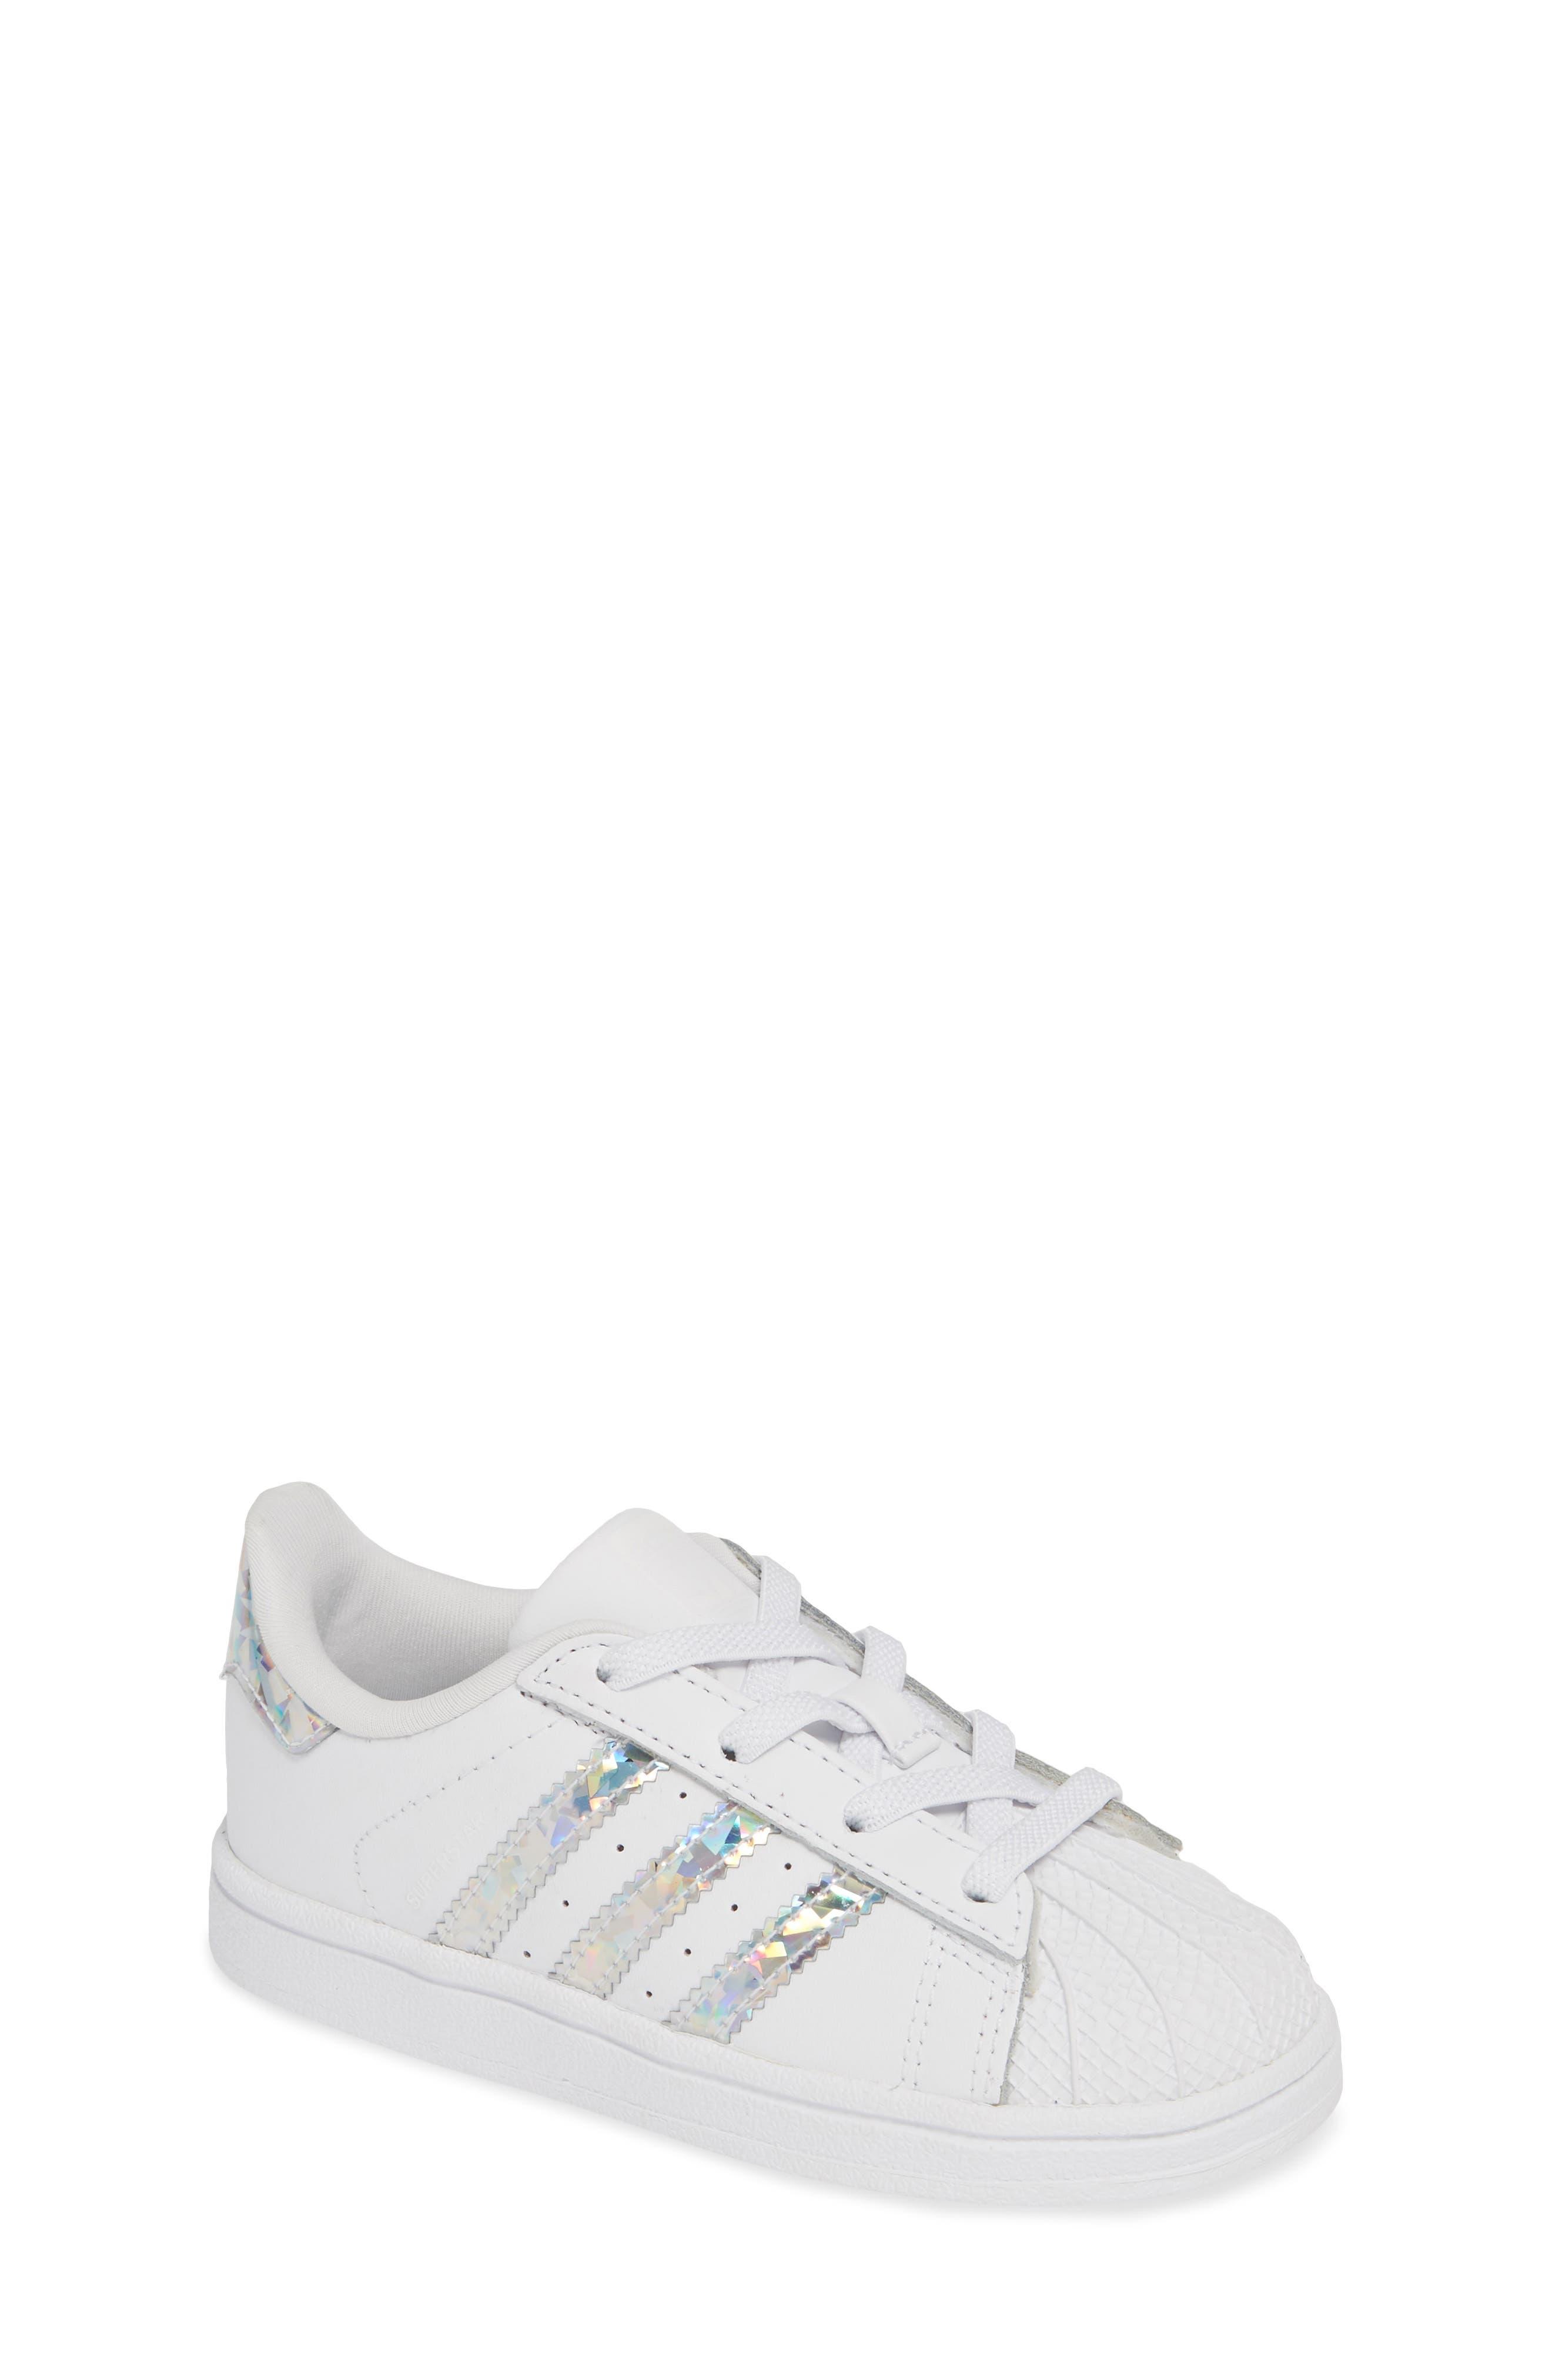 Give Børn Adidas Originals Superstar Foundation Cf C Ftwr